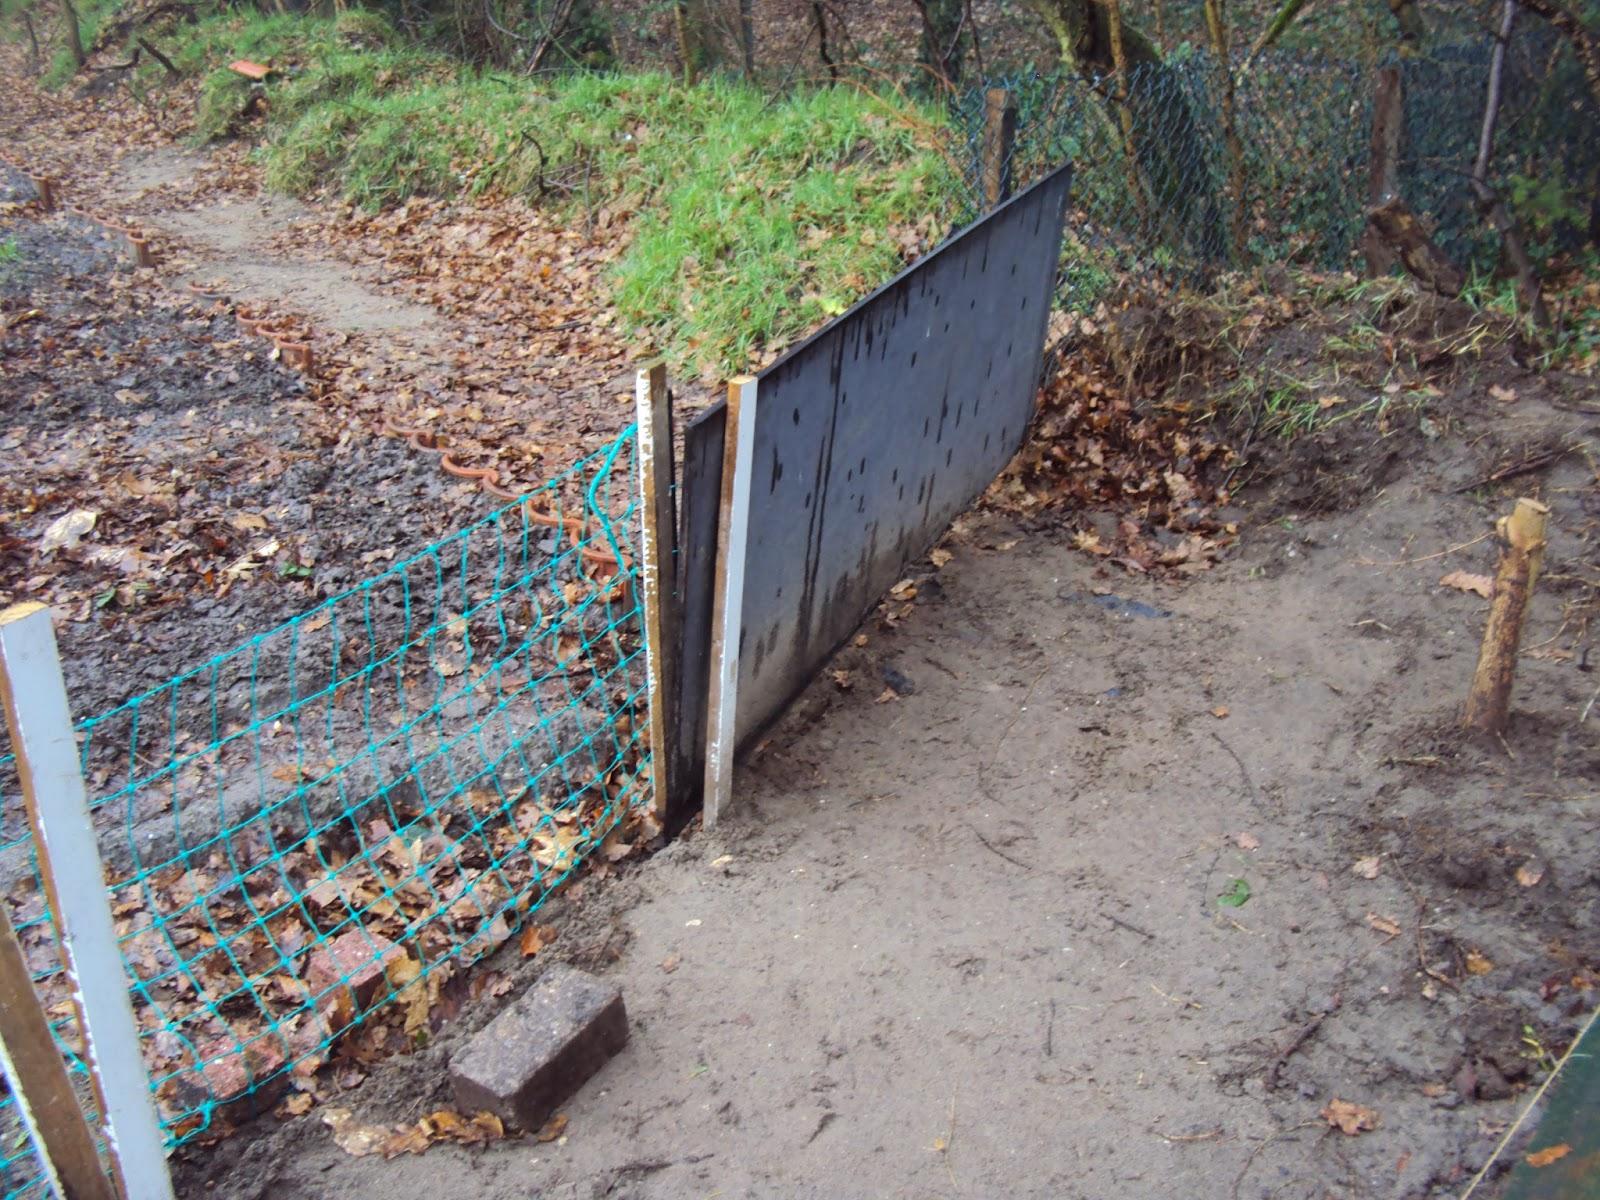 Hekjes Voor Tuin : Moesker s moestuin een simpel hekje